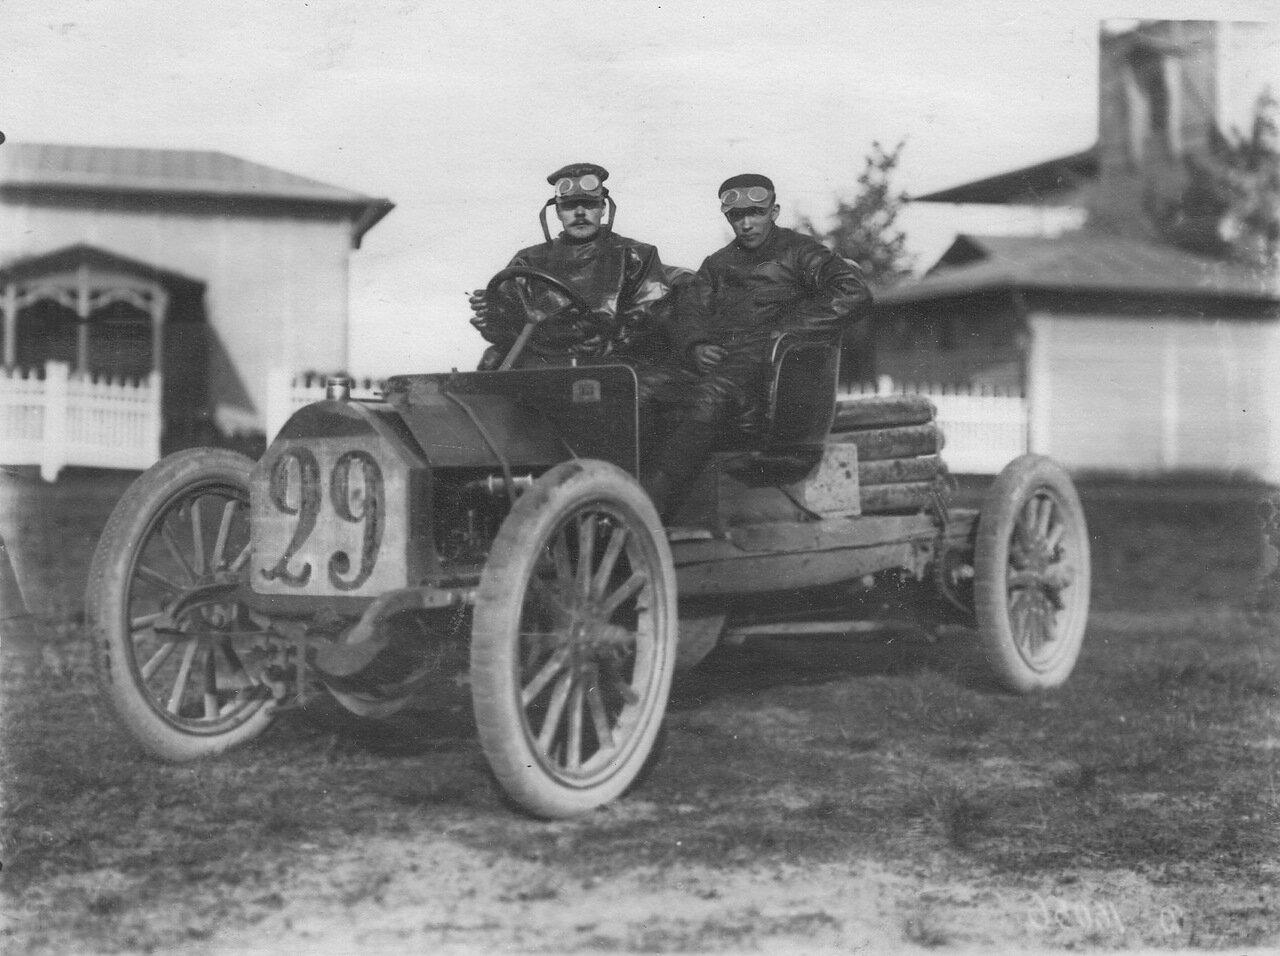 Участники пробега Слубский и Фонин (за рулем) в автомобиле № 29 Фиат у финиша пробега